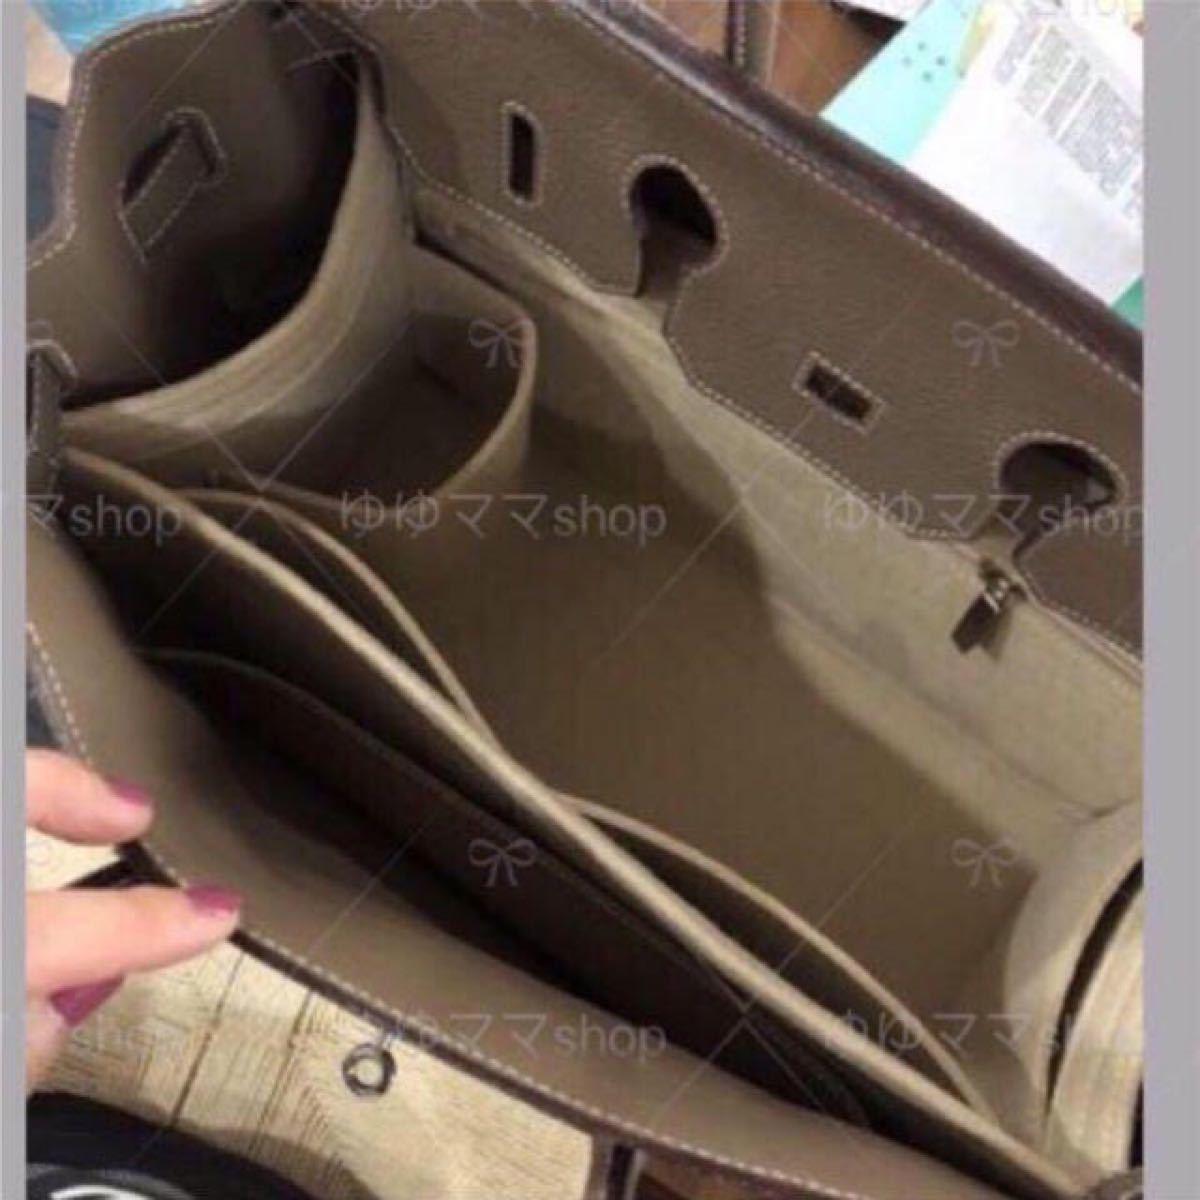 林様 3点 新品バッグインバッグ インナーバッグ エタン色 グレー色 25cm